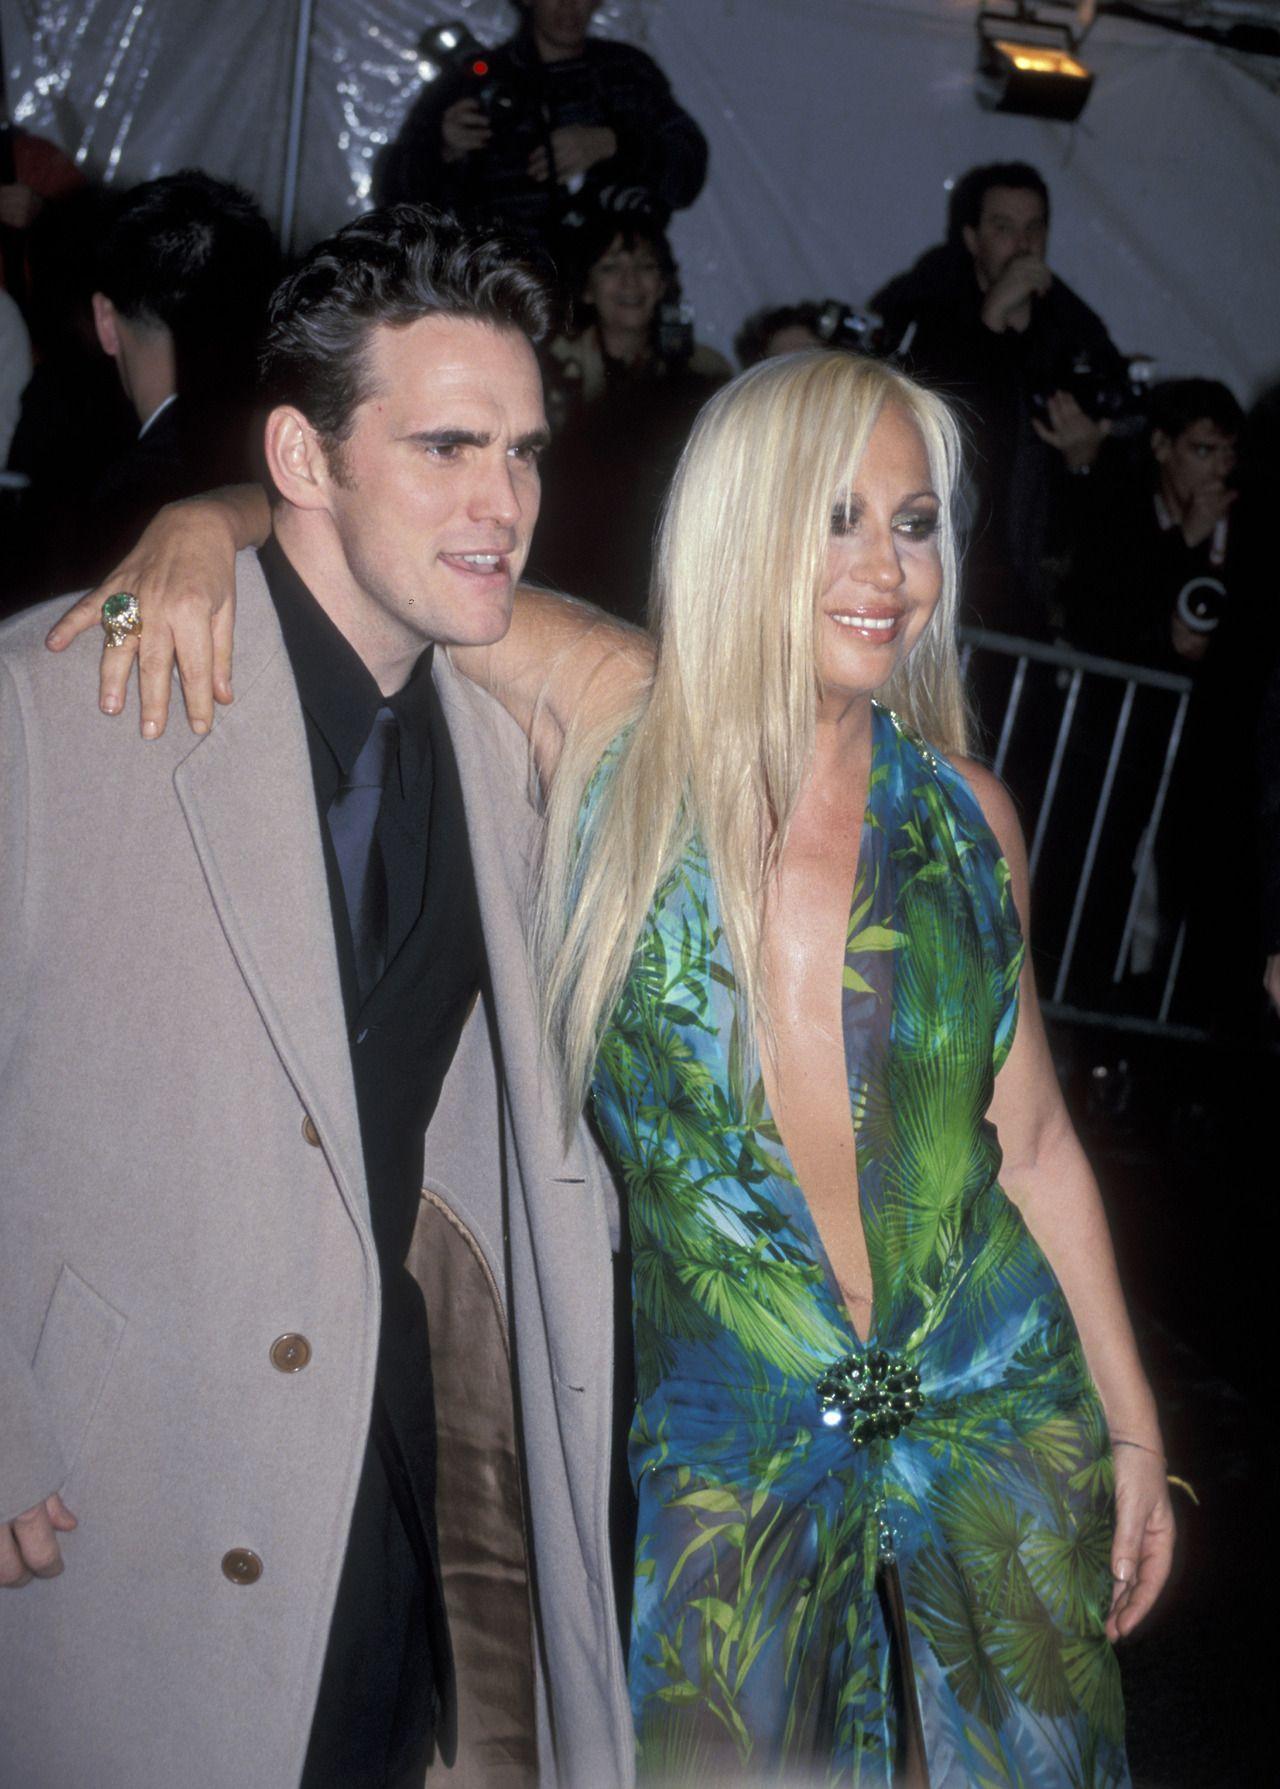 99 Donatella Versace En Aquel Vestido Que Tanto Causo Impacto